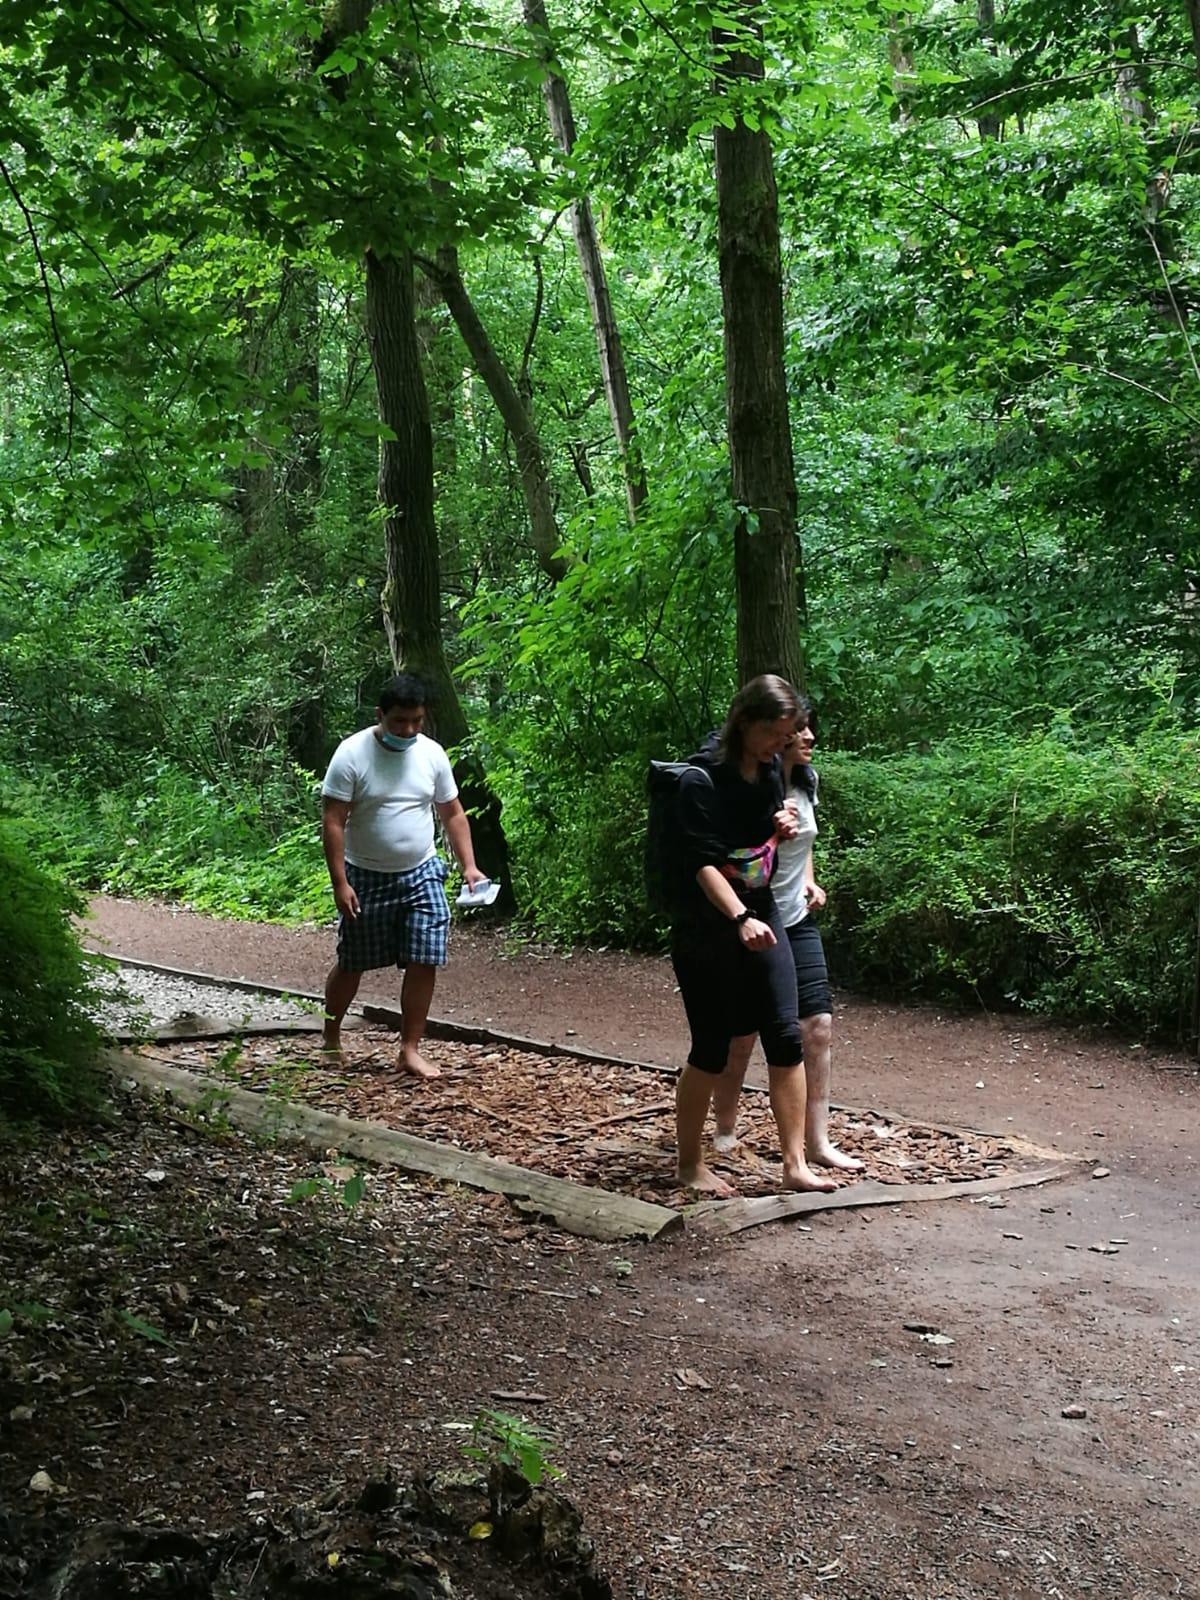 Im Wald: Zwei junge Menschen gehen barfuß über kleine Holzstücke.